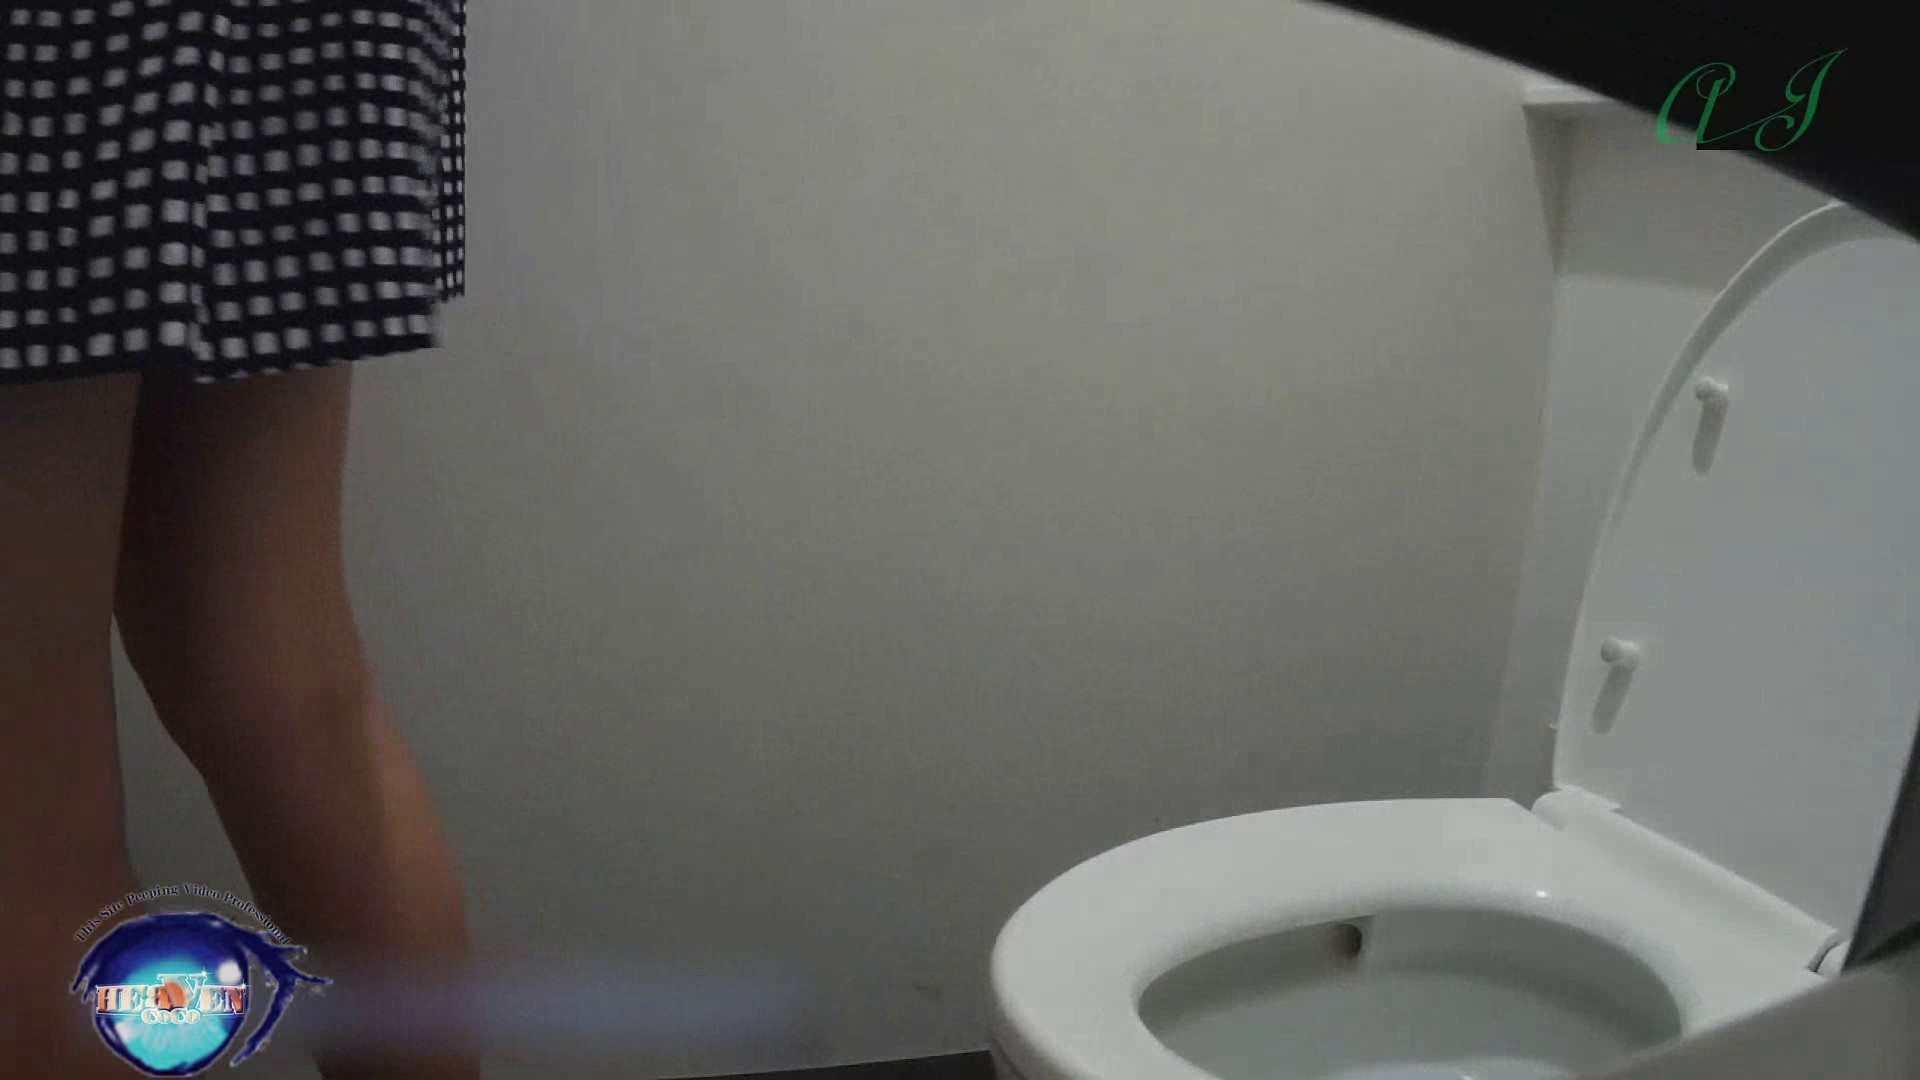 有名大学女性洗面所 vol.71 美女学生さんの潜入盗撮!前編 OLエロ画像 盗み撮り動画キャプチャ 91PICs 79